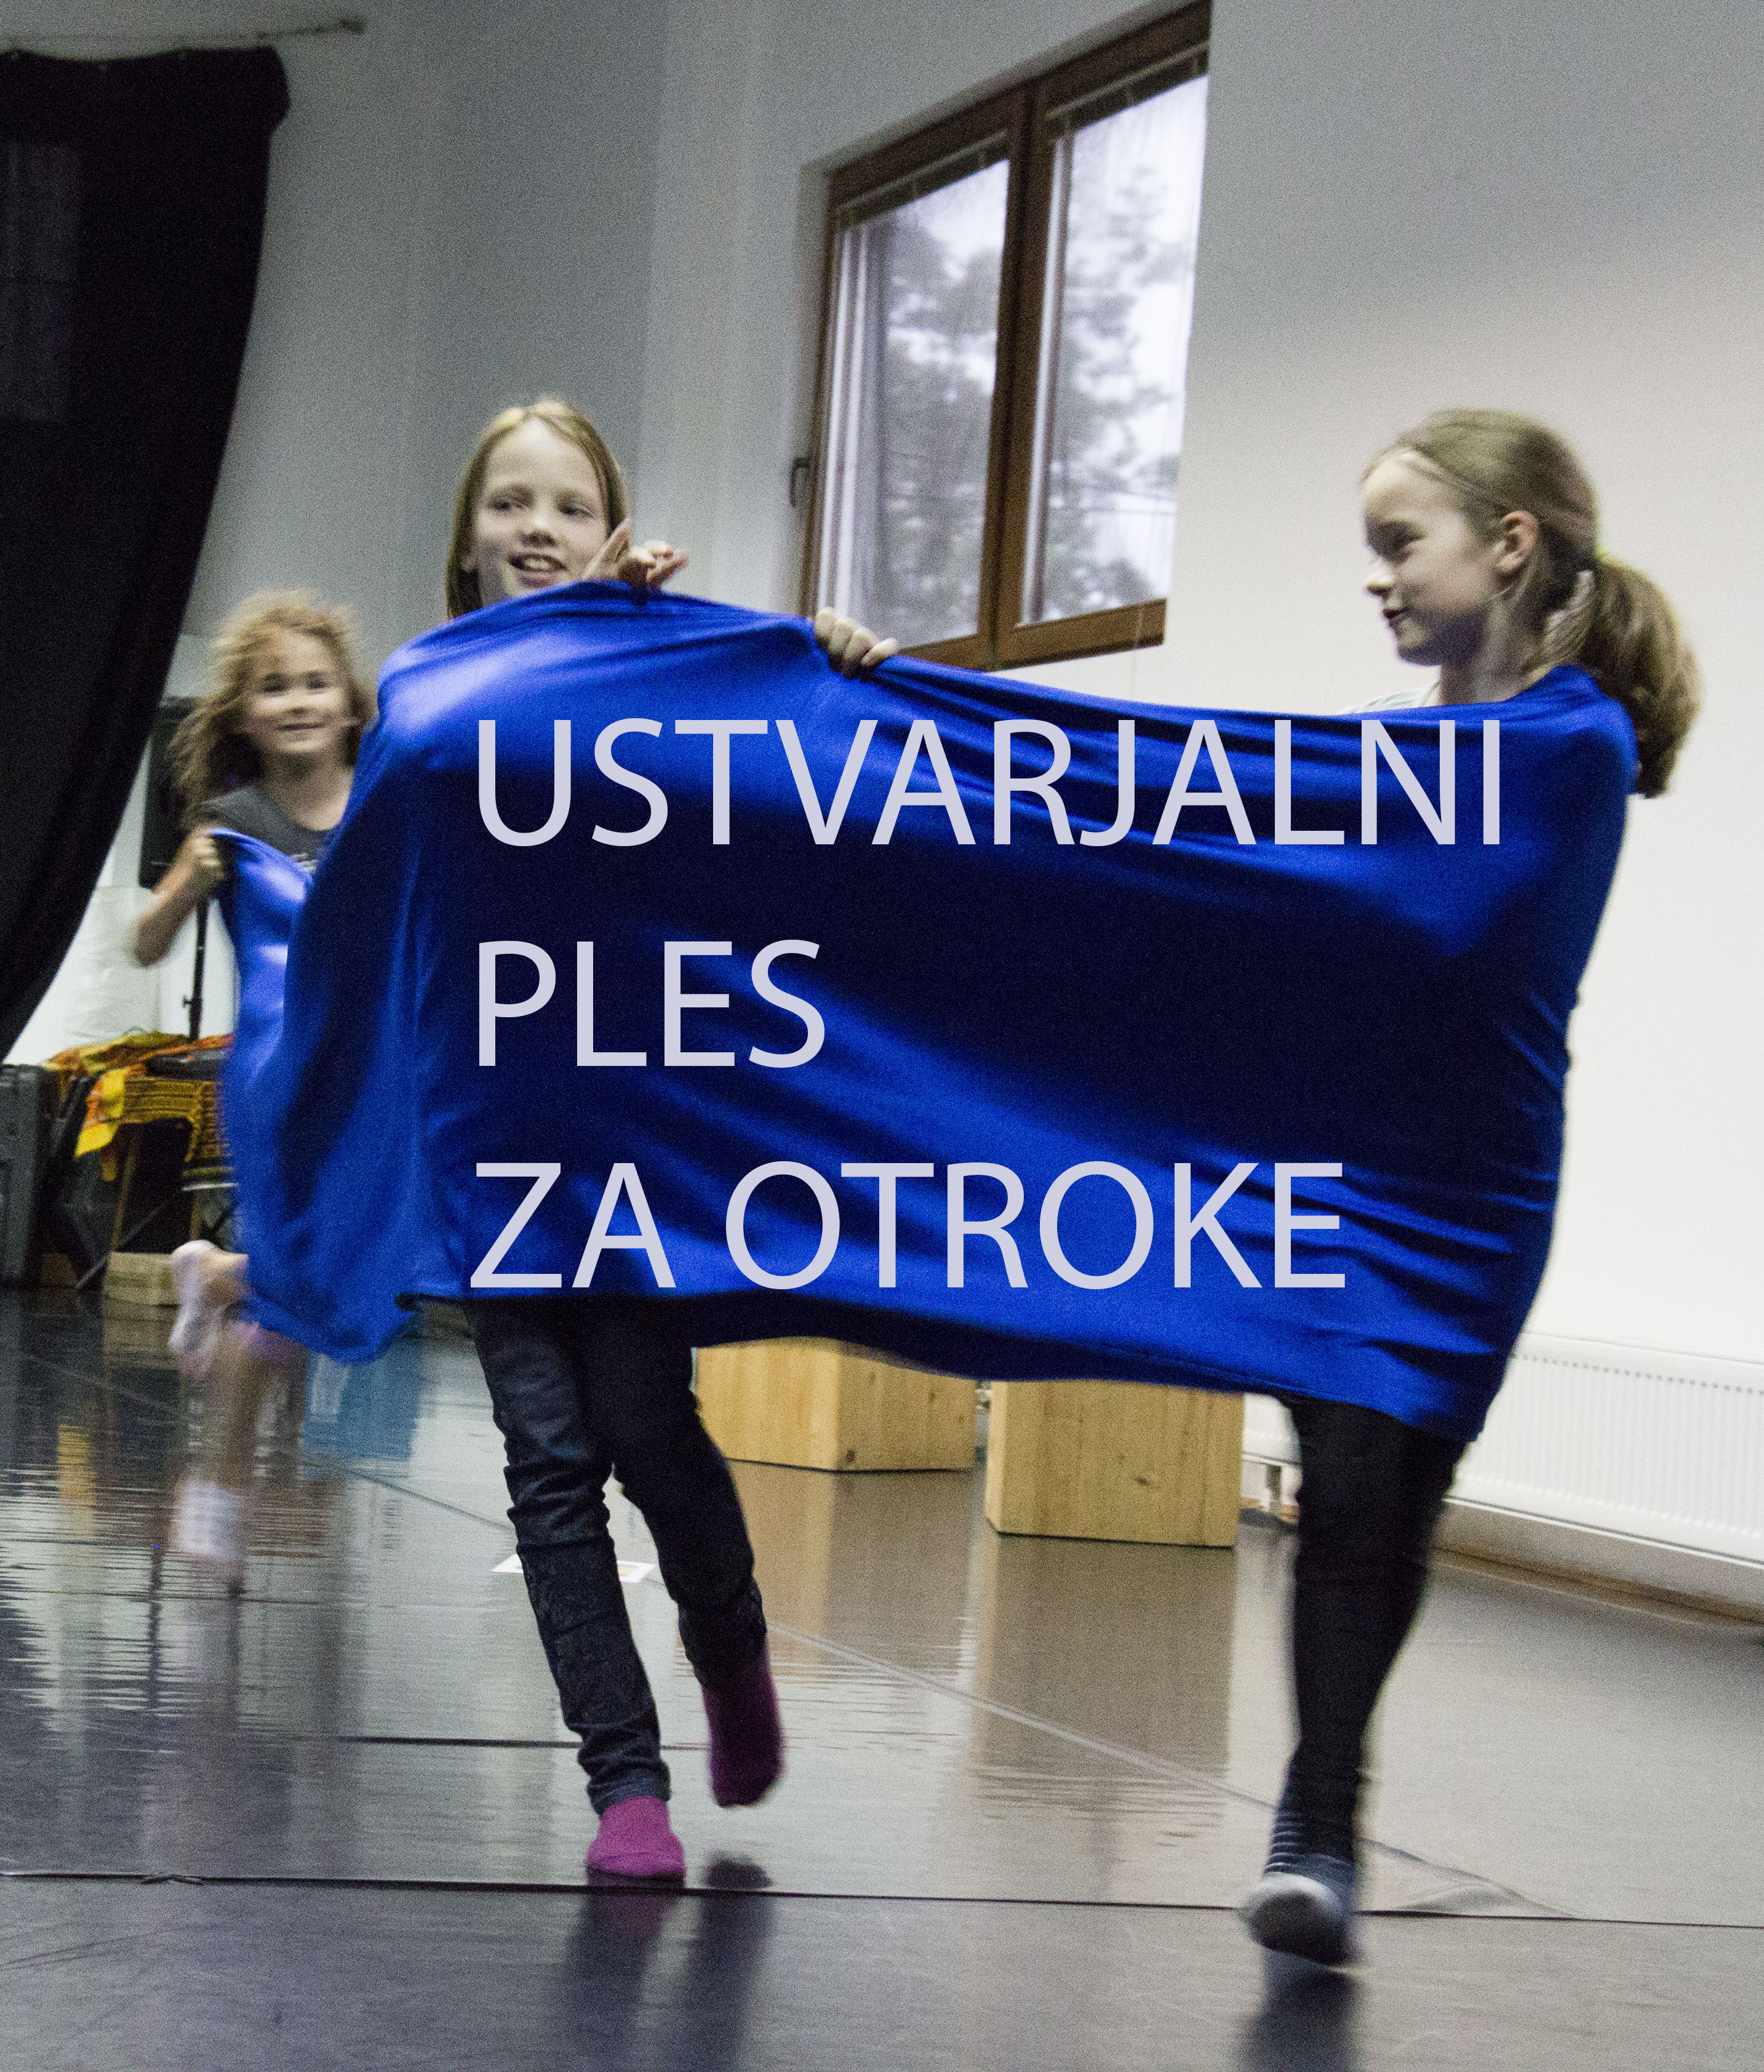 ustvarjalni ples za otroke